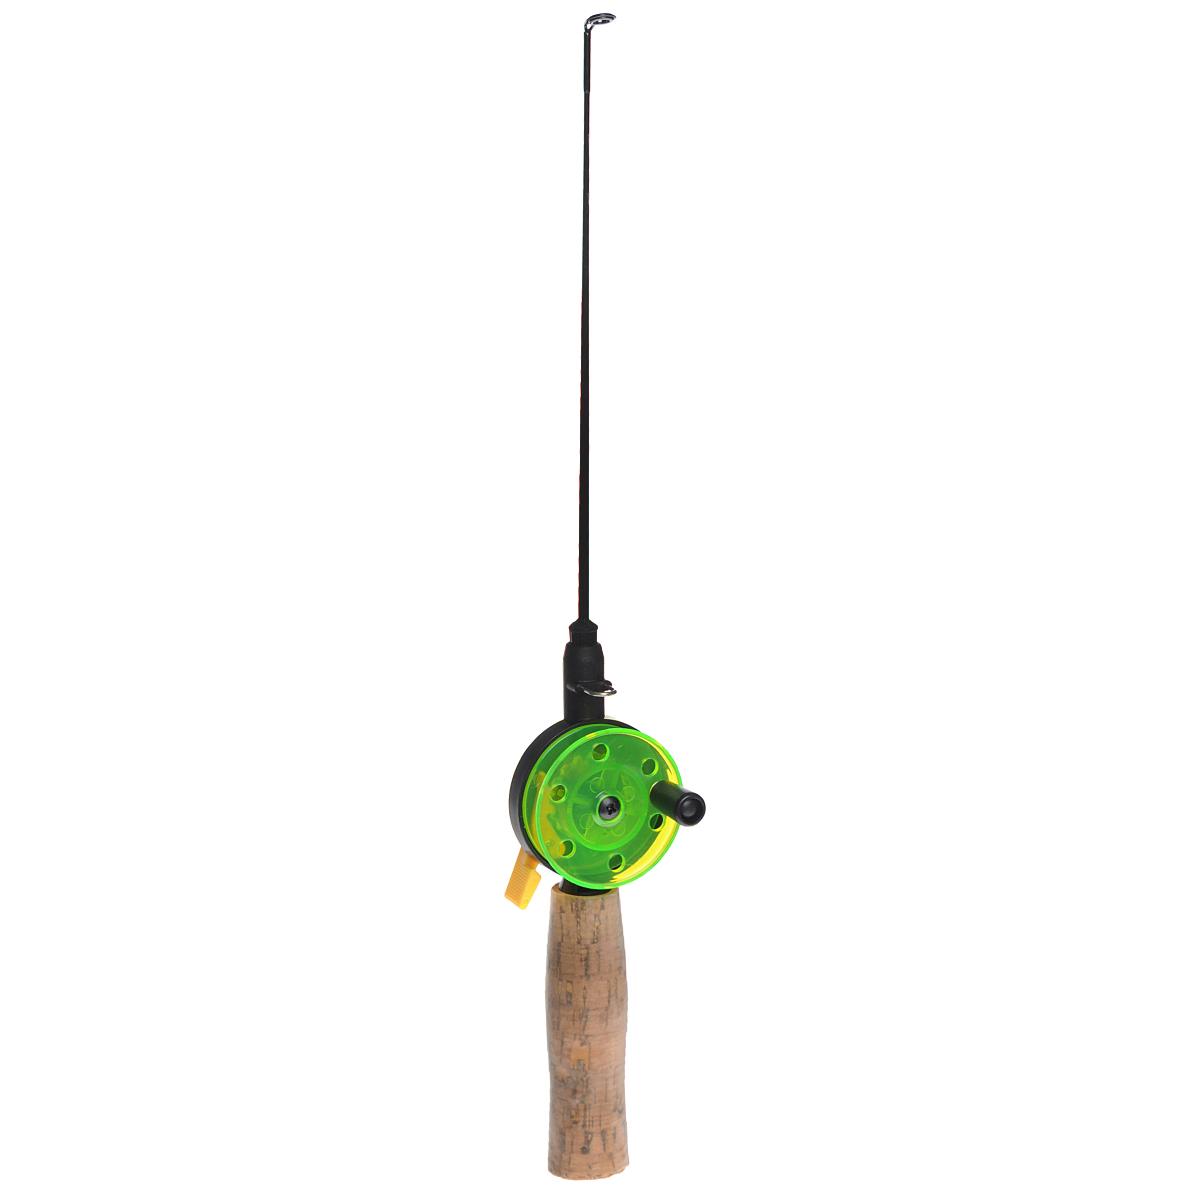 Удочка зимняя SWD HR106A, цвет: черный, зеленый, 37 см209-13210Зимняя удочка SWD HR106A с открытой катушкой диаметром 54 мм и клавишным стопором. Пластиковый хлыст длиной 21 см укомплектован тюльпаном. Ручка длиной 100 мм выполнена из пробки.